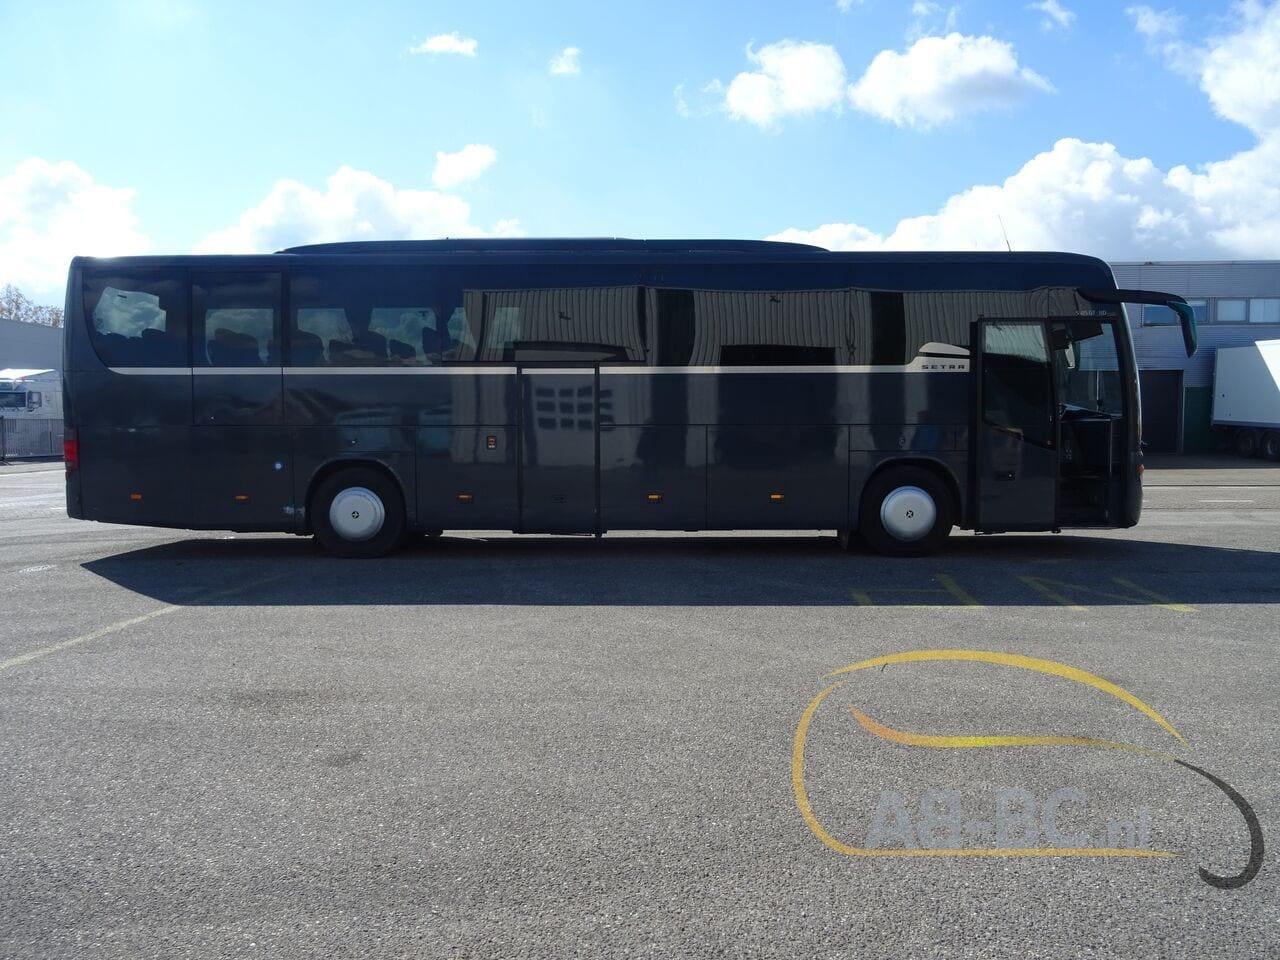 coach-busSETRA-S415-GT-HD-FINAL-EDITION-51-SEATS-LIFTBUS---1620381808725777458_big_16c3489900e06902b867436a10975eb4--21050713010665719300